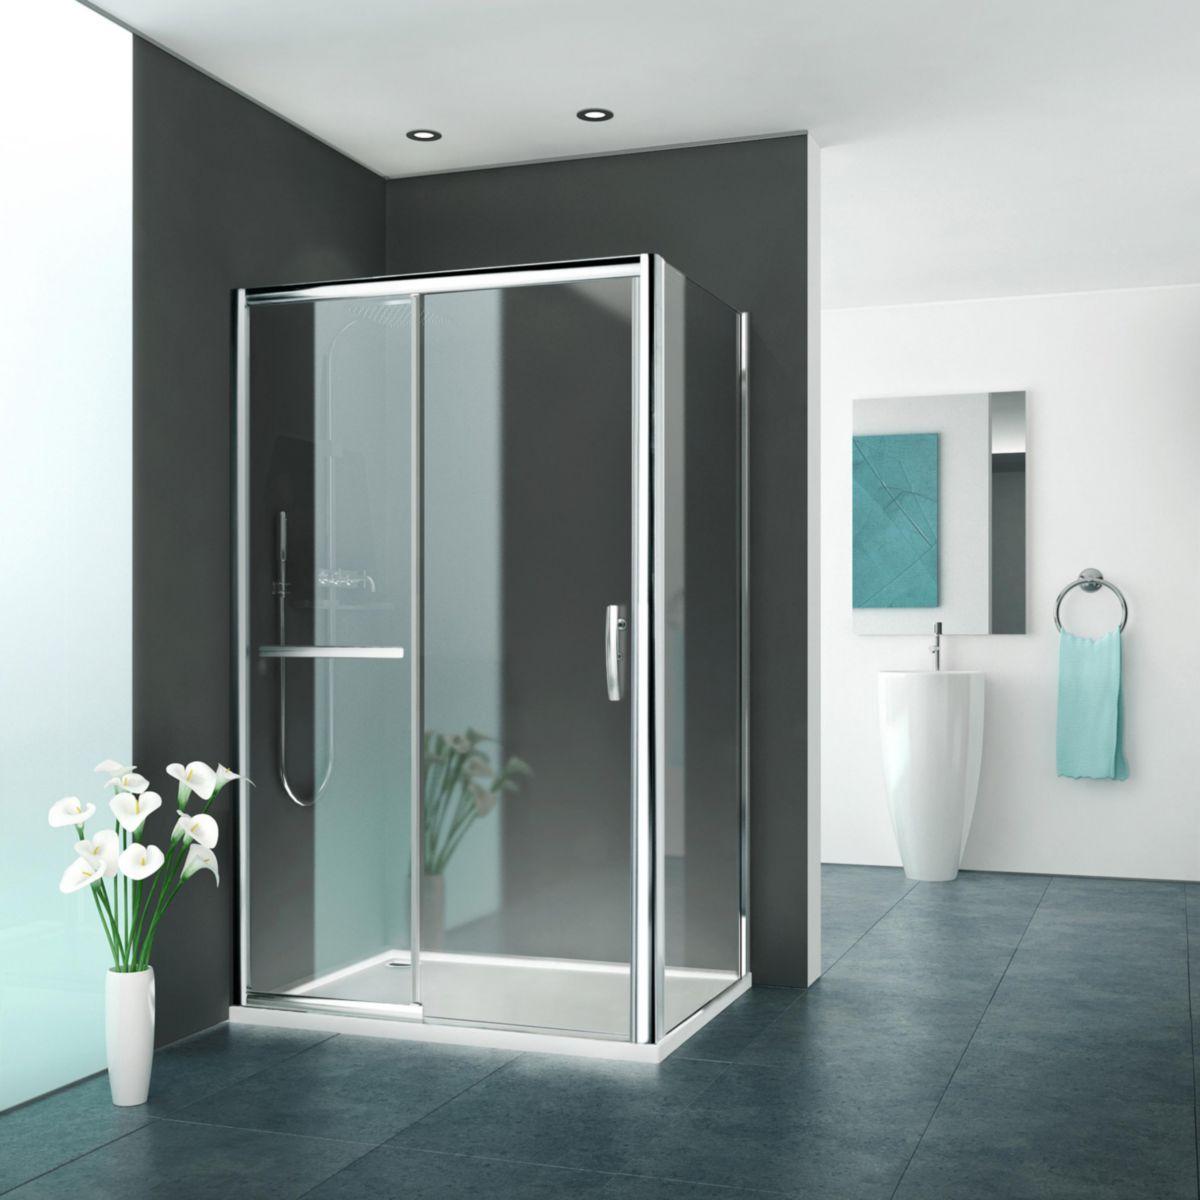 monter une paroi de douche trendy beautiful barre de. Black Bedroom Furniture Sets. Home Design Ideas